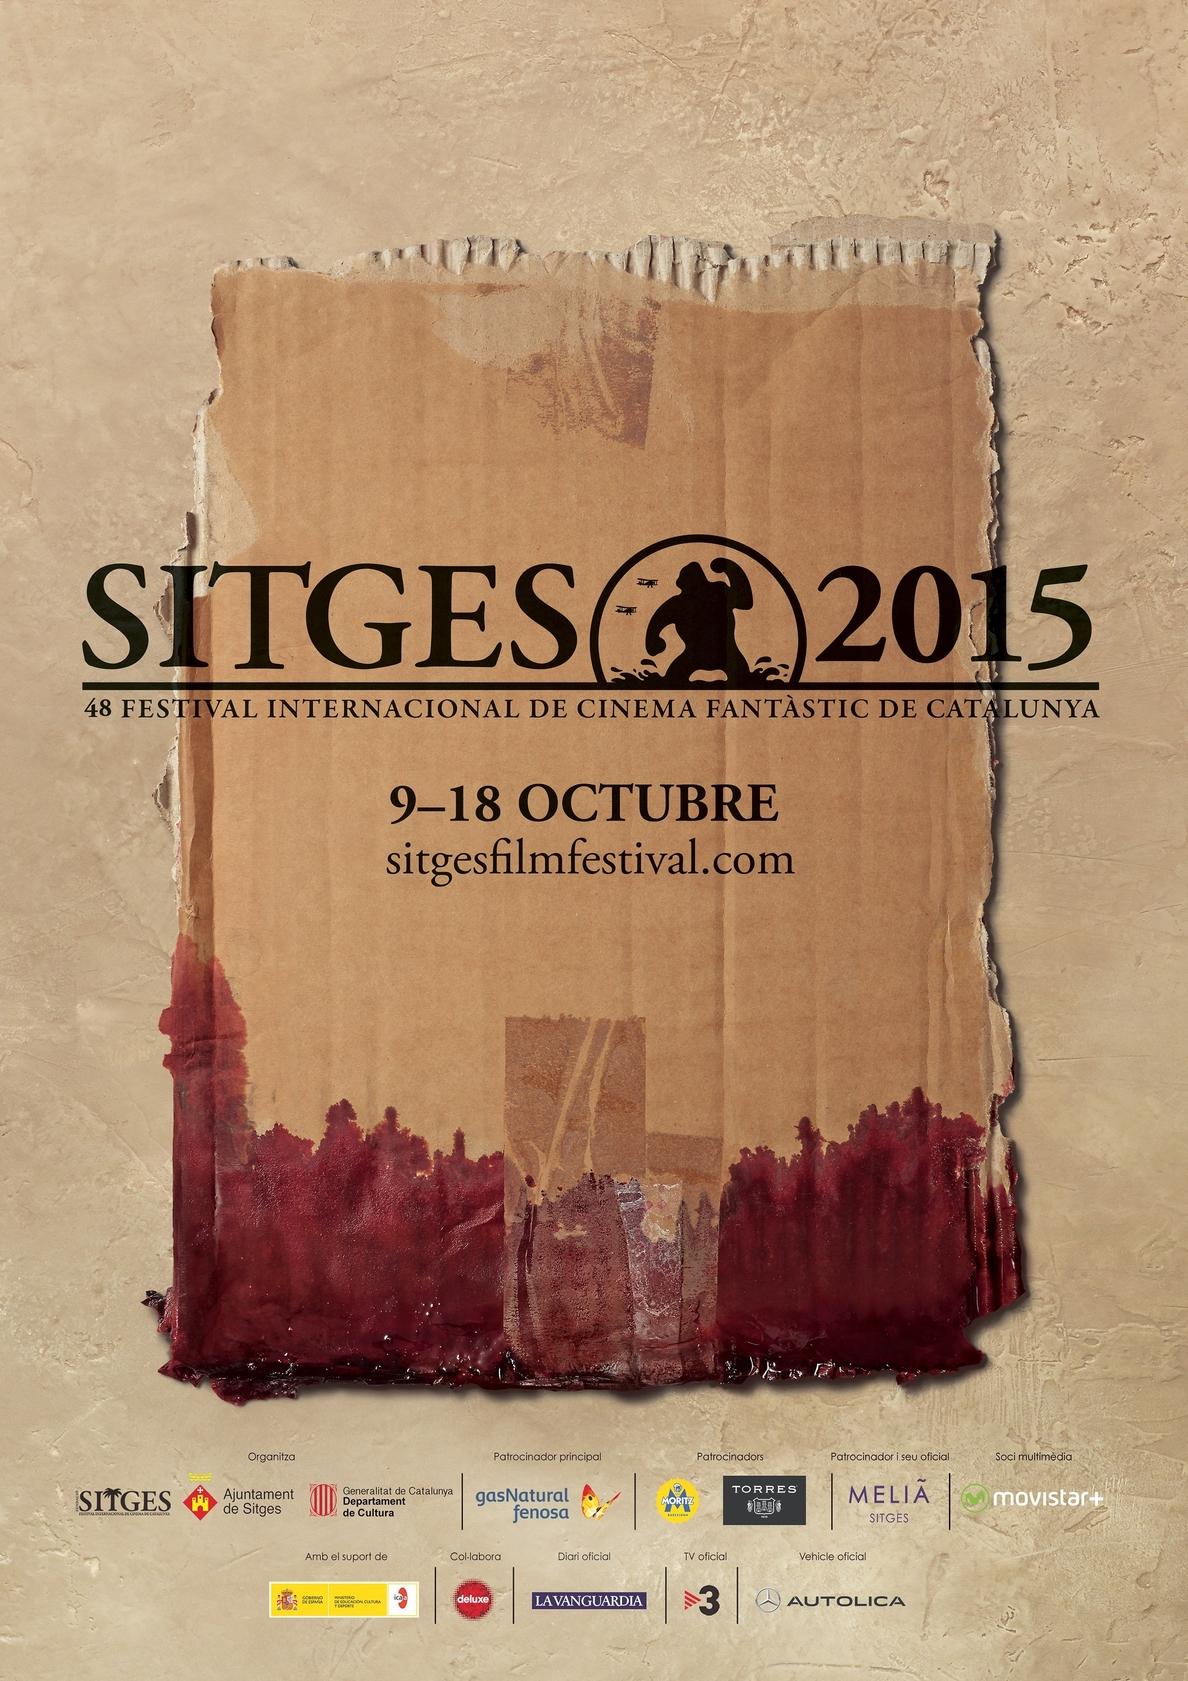 El Festival de Sitges logra un 20% más de facturación, un «récord espectacular»